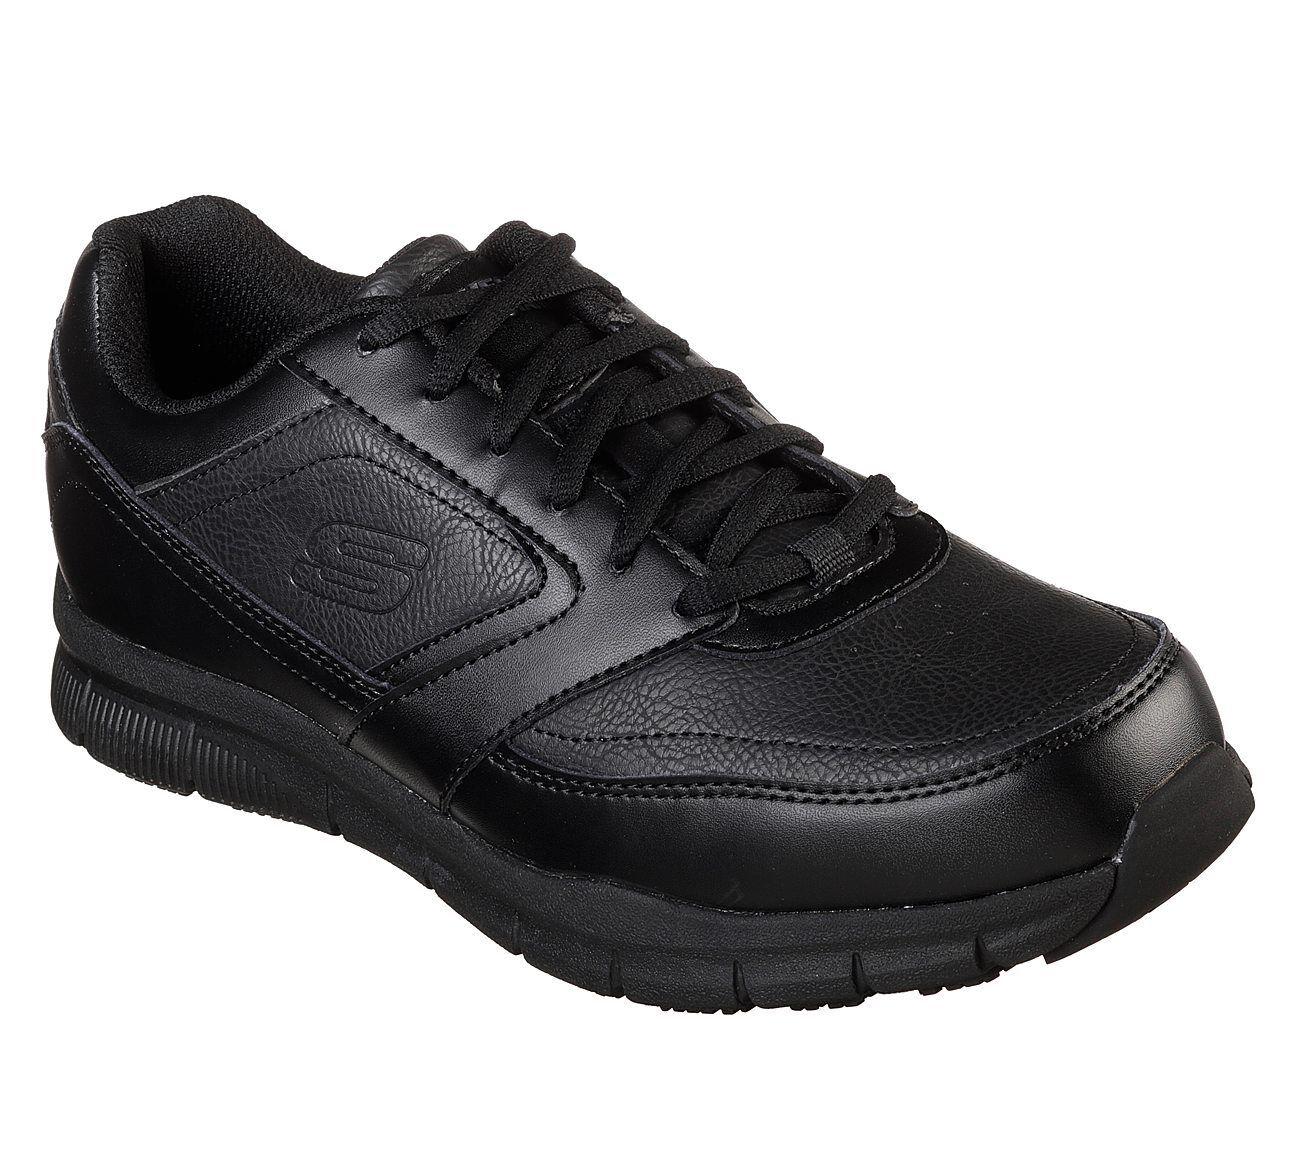 77156 Wide Fit Black Skechers shoes Memory Foam Work Men Com